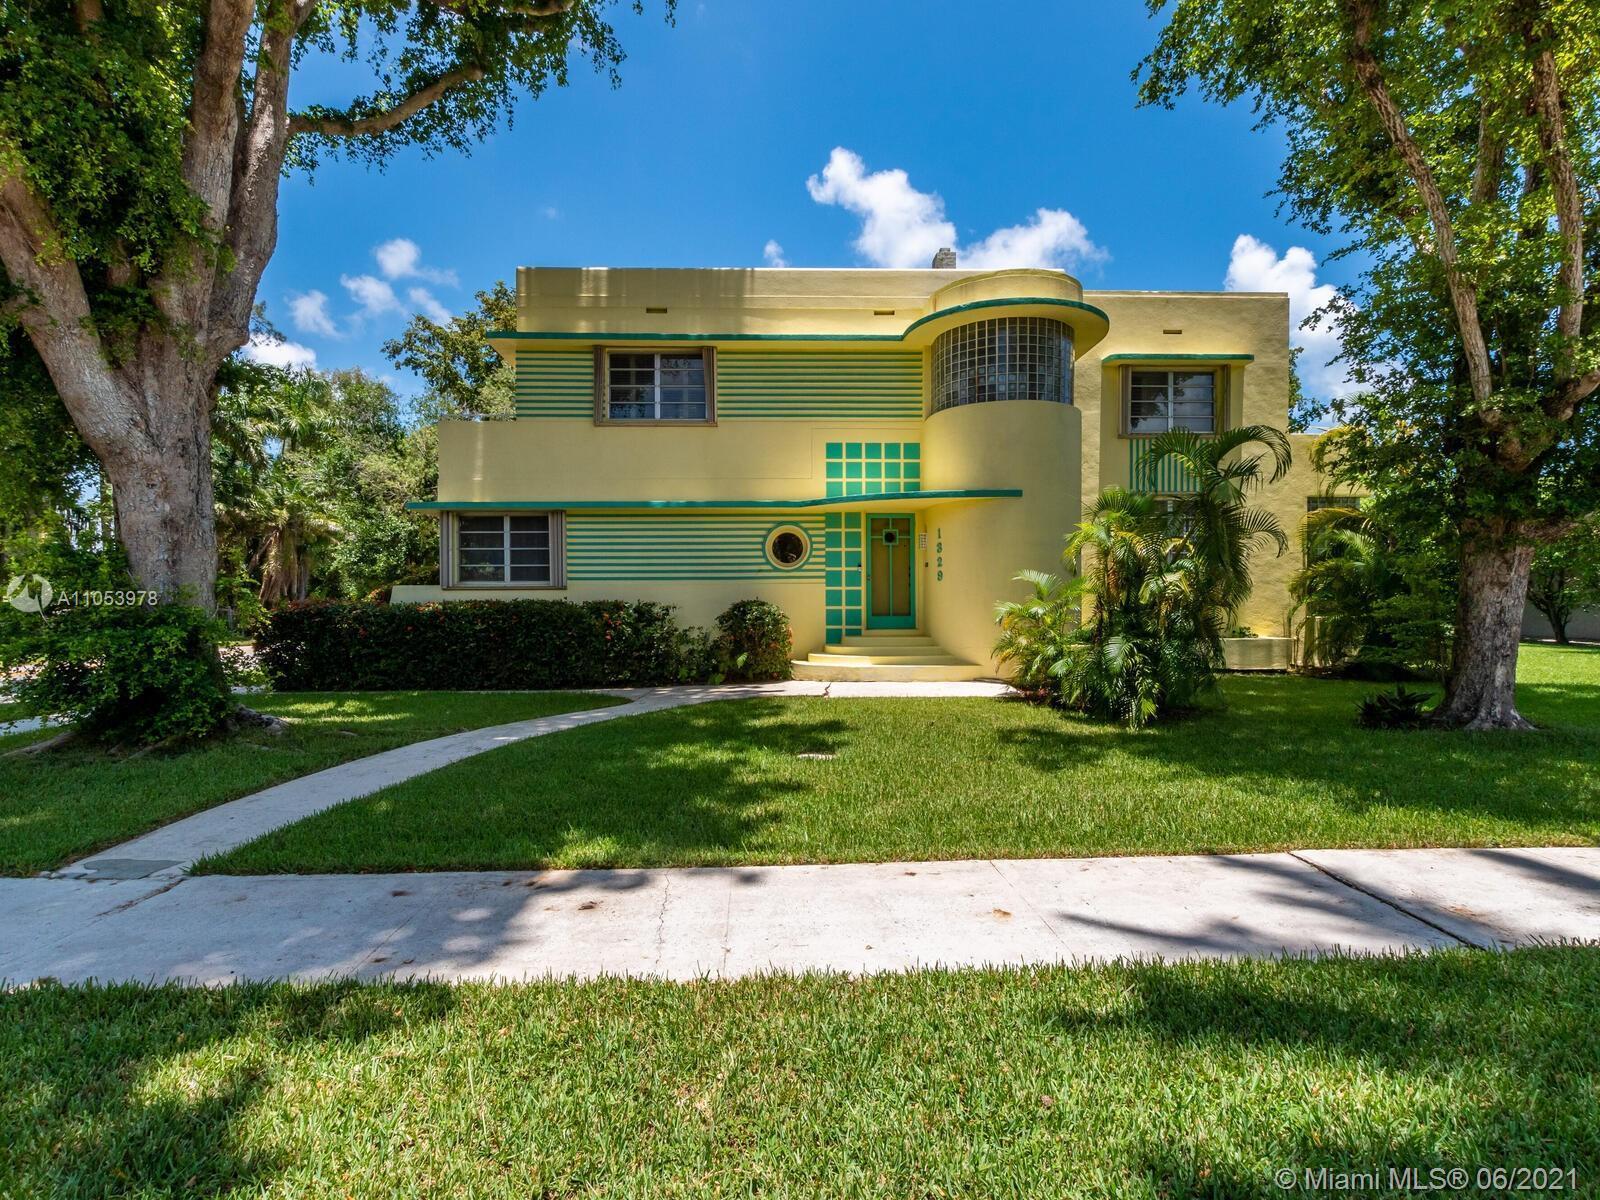 Unique *Art Deco* Home, large Double Corner Lot! 6 Br's 5 Baths, Pool Home, 3 Car Garage in Prestigi